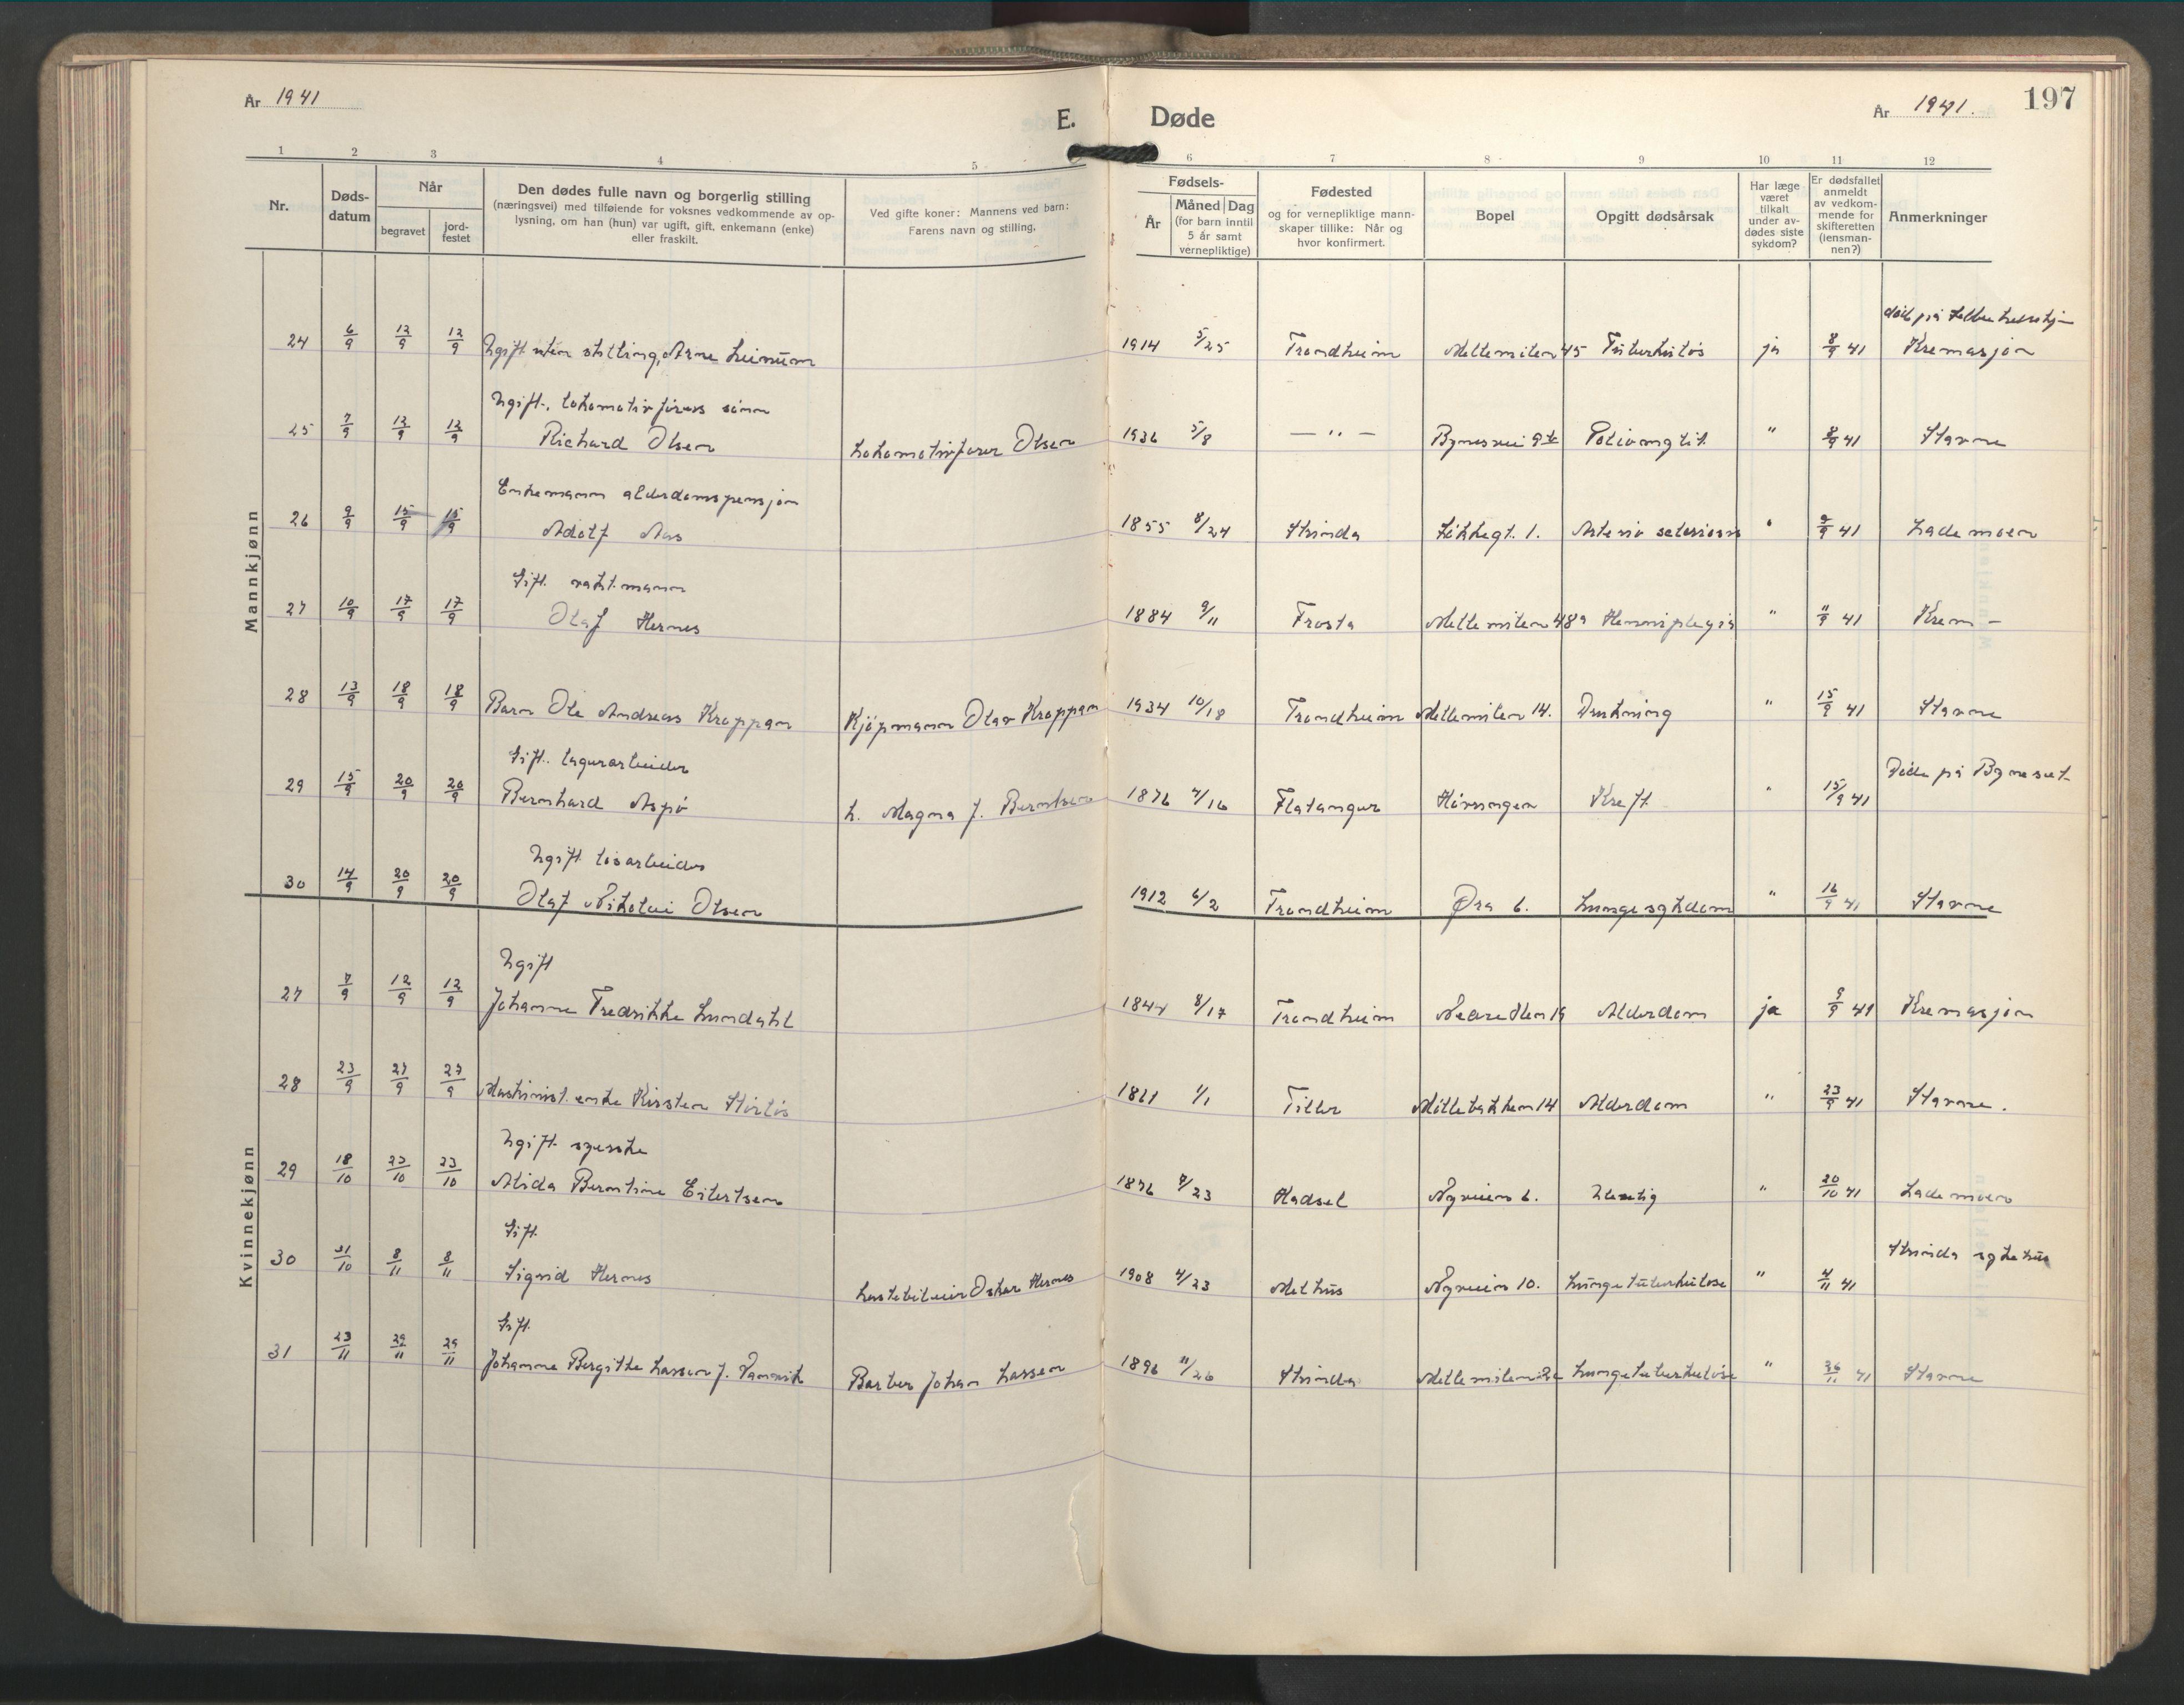 SAT, Ministerialprotokoller, klokkerbøker og fødselsregistre - Sør-Trøndelag, 603/L0177: Klokkerbok nr. 603C05, 1941-1952, s. 197